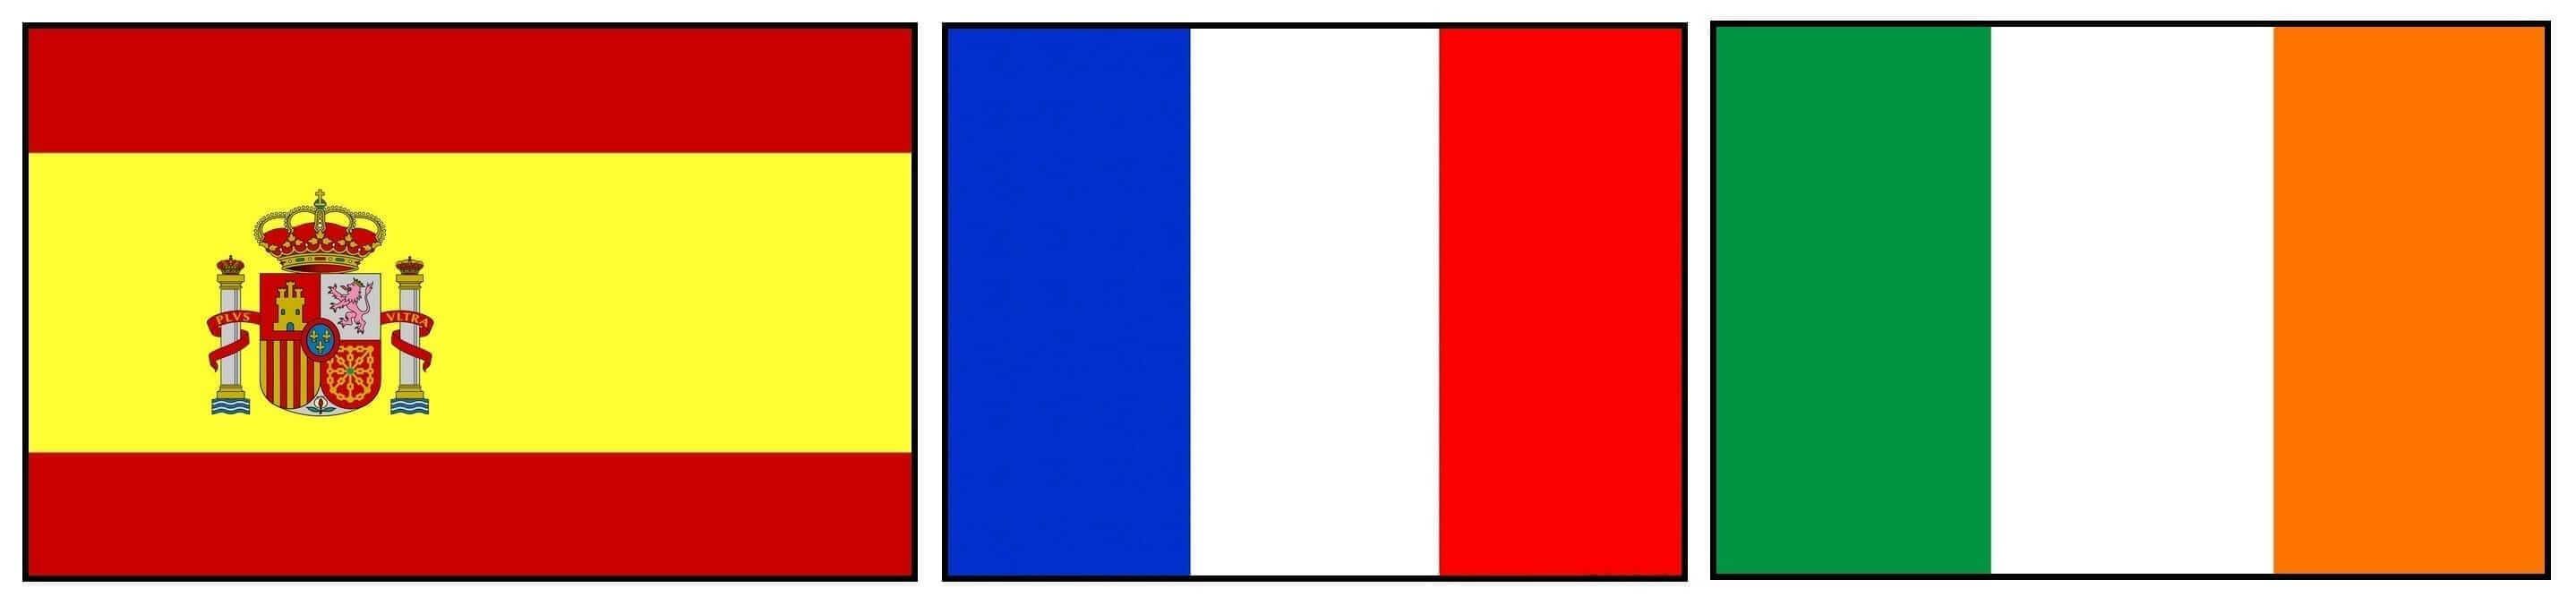 Spanish, French and Irish flags